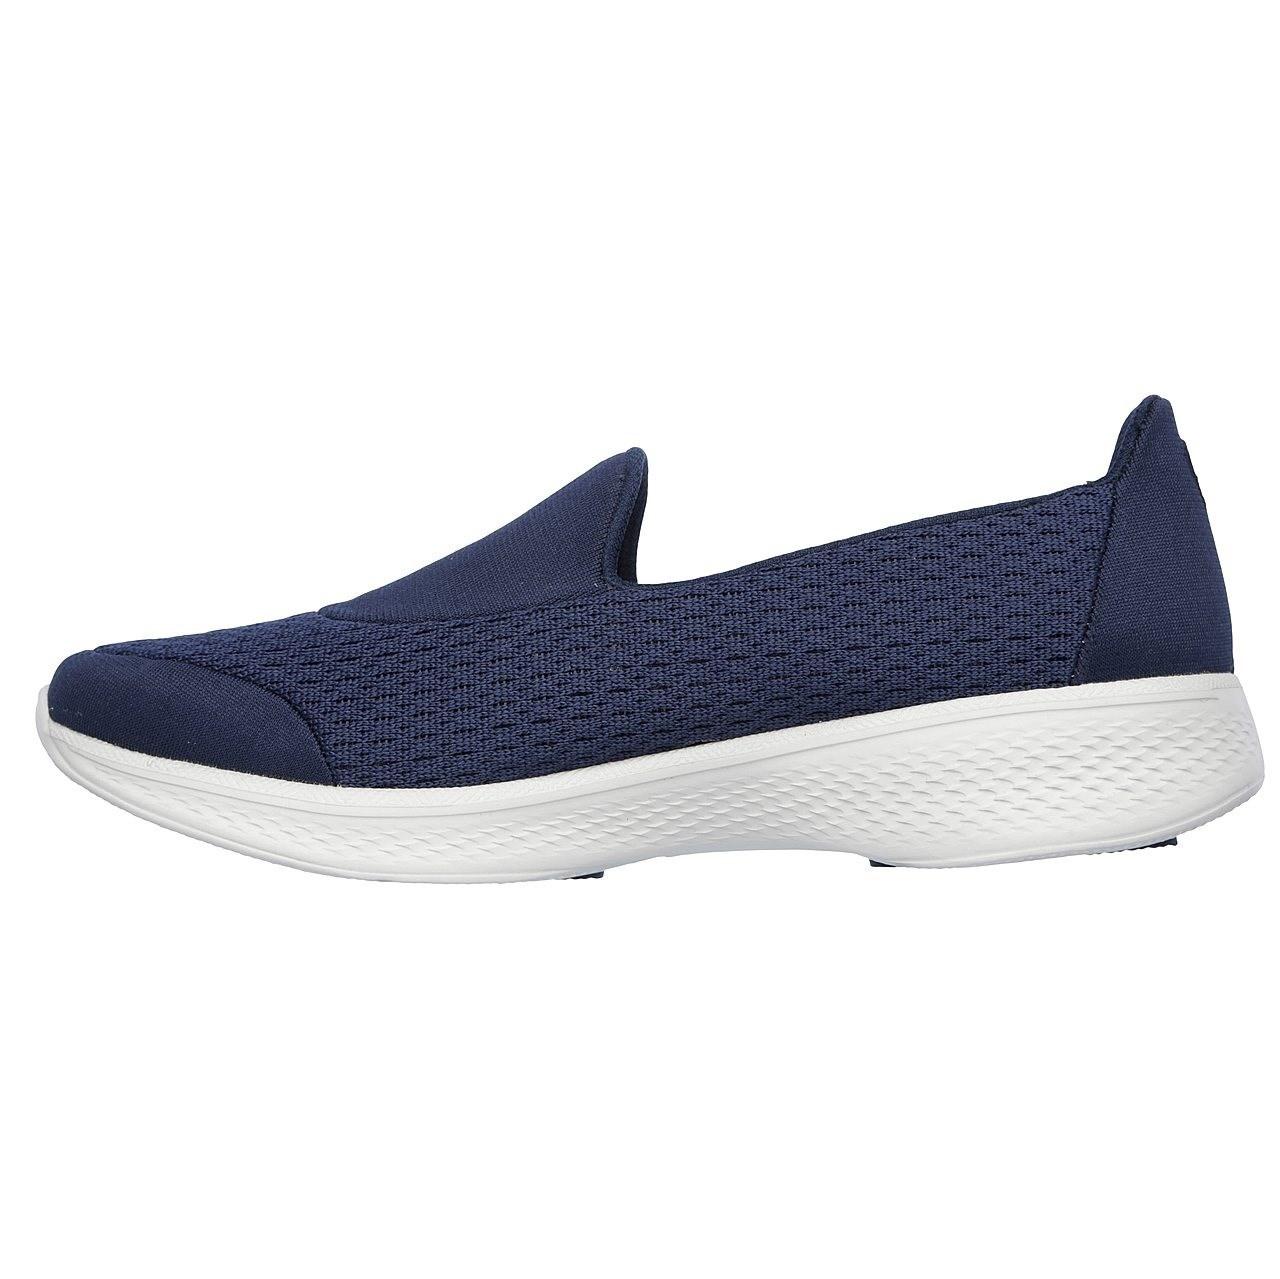 خرید                     کفش راحتی زنانه اسکچرز مدل 14148NVGY